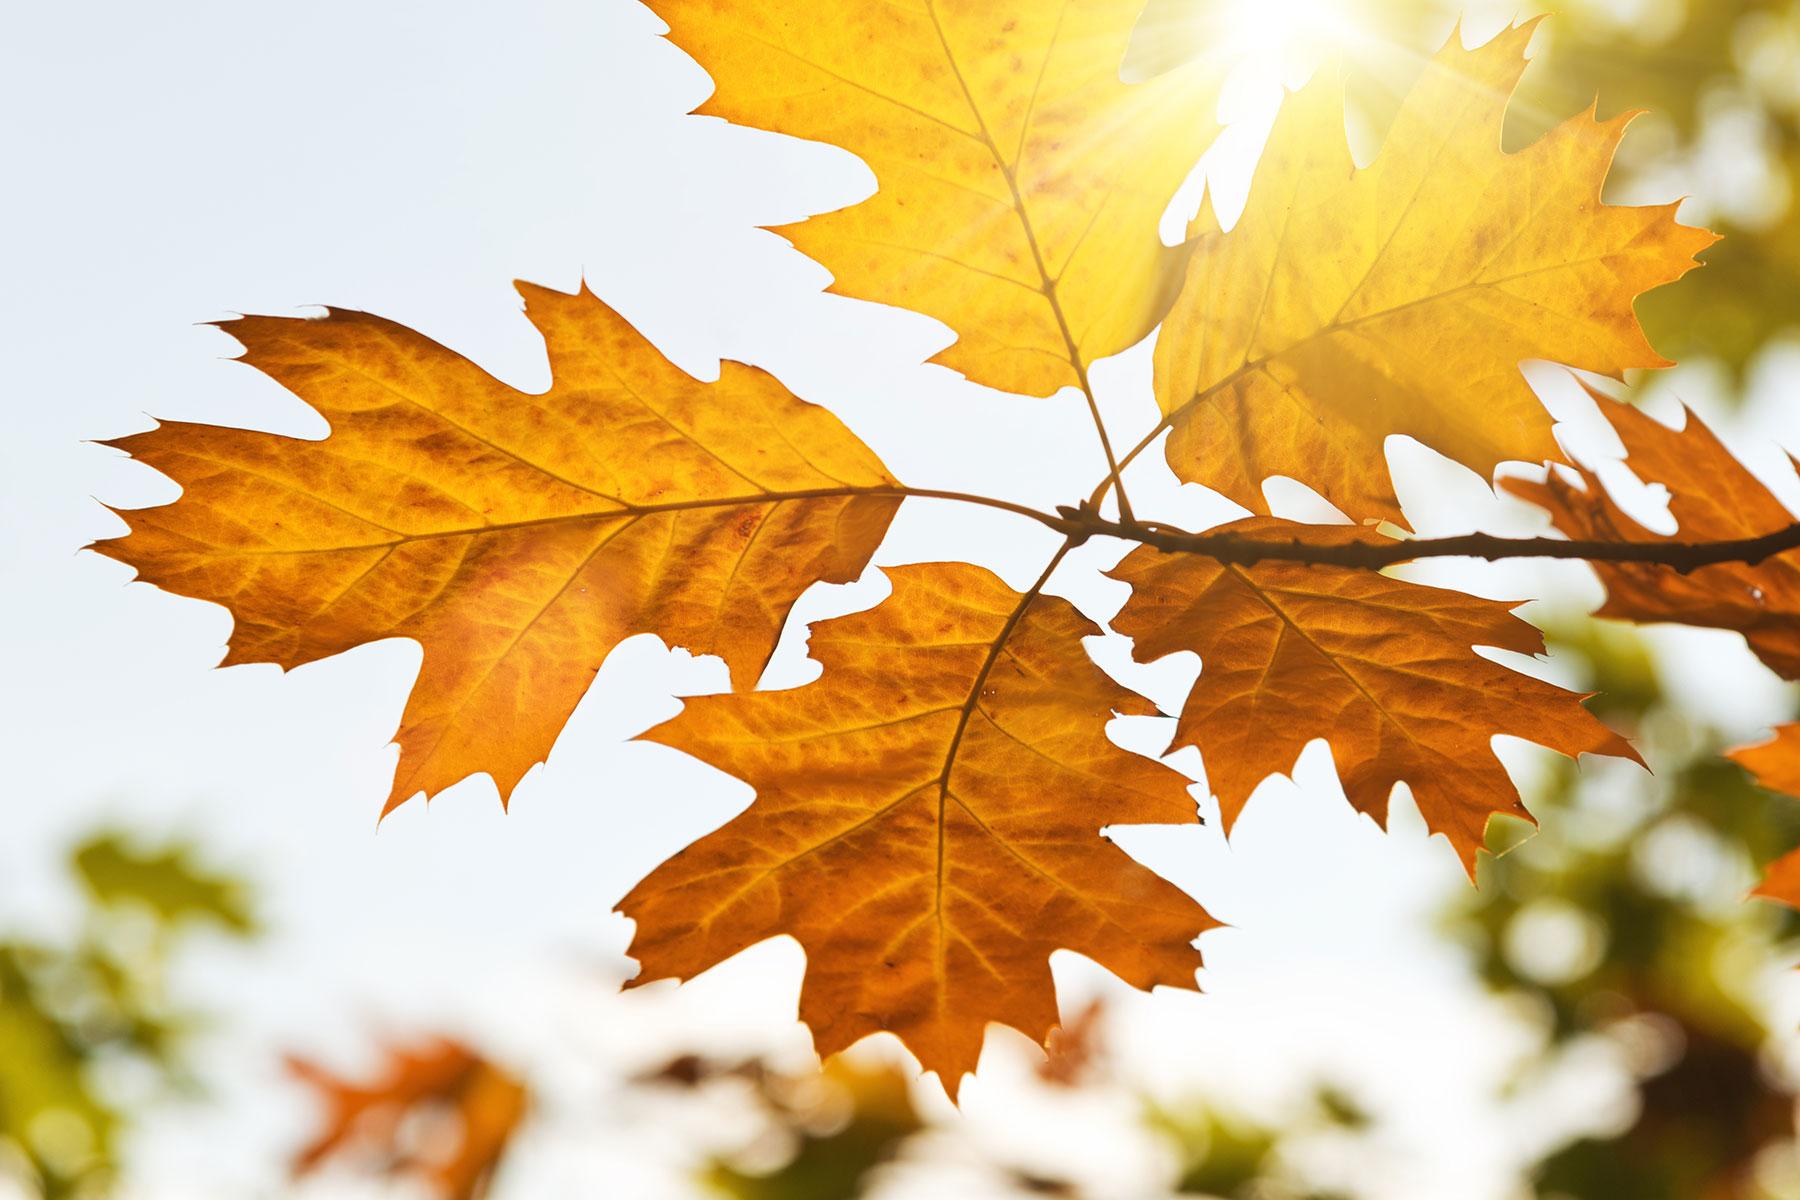 17 жовтня на Київщині буде по-літньому темплим - погода - 17 pogoda3